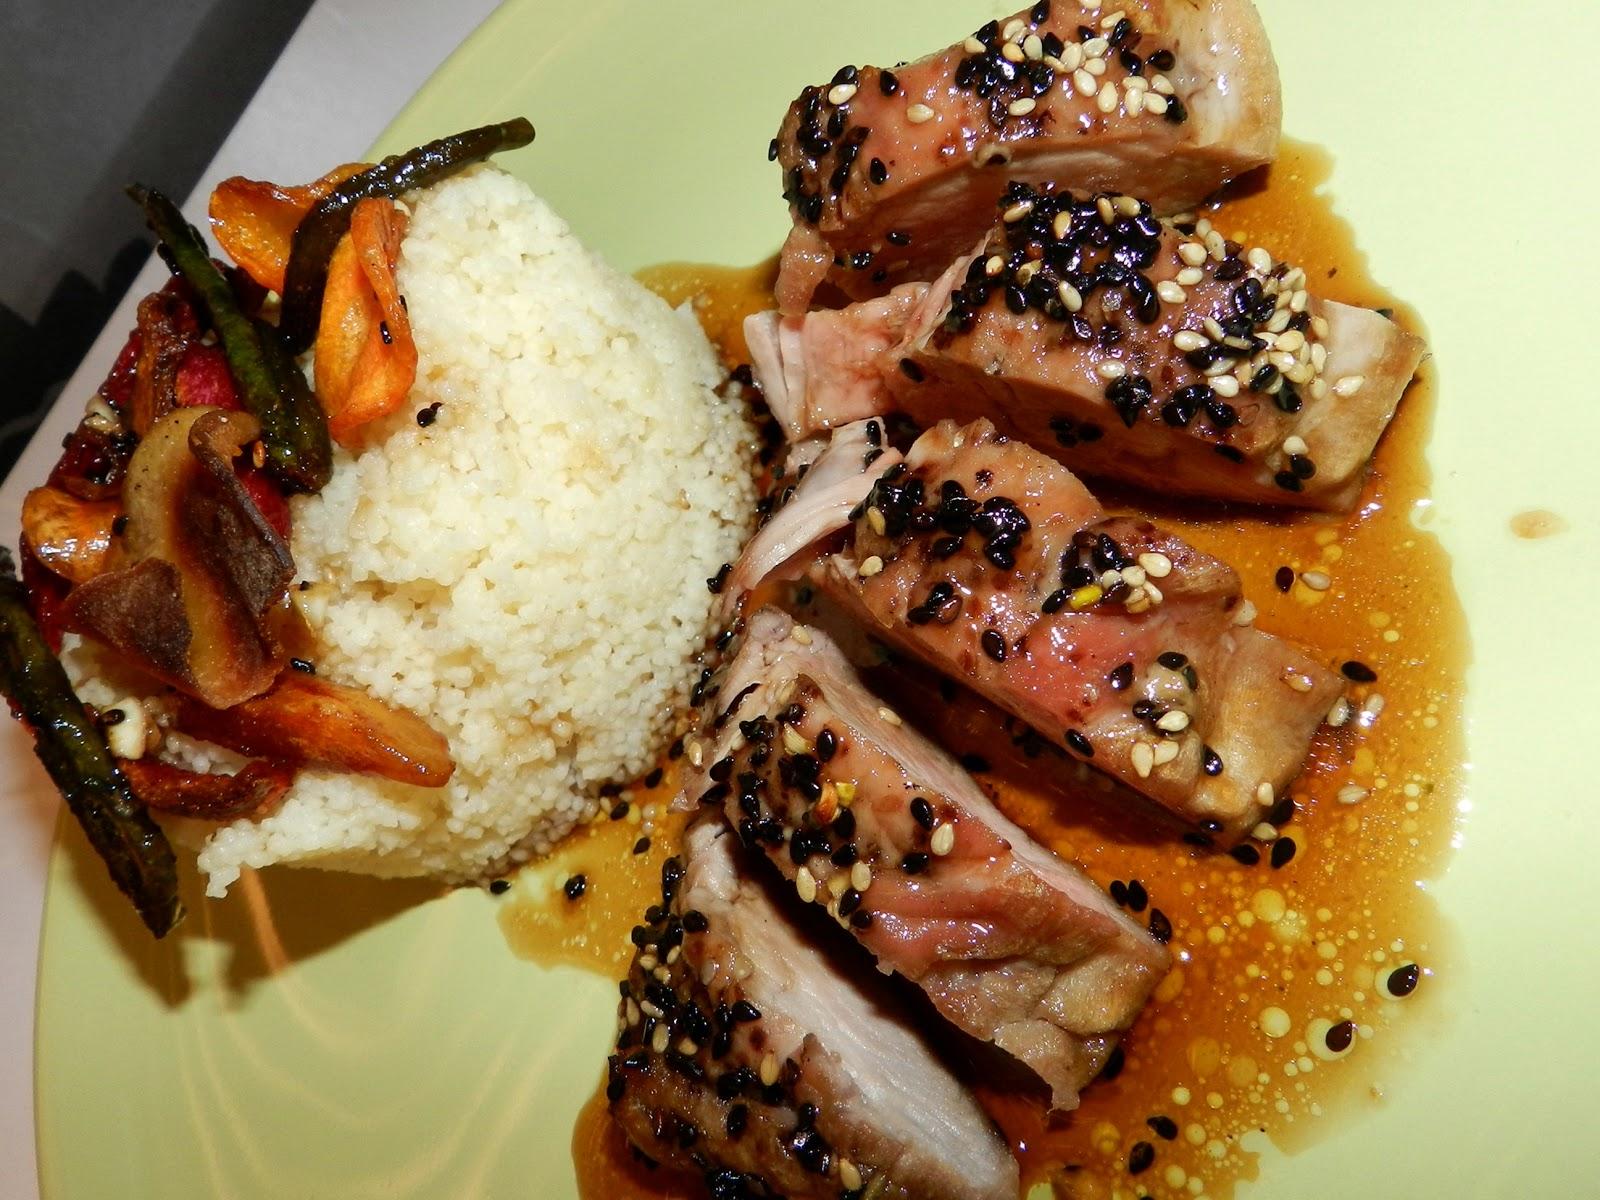 La cocina de vifran solomillo de cerdo al horno con miel - Solomillo a la pimienta al horno ...